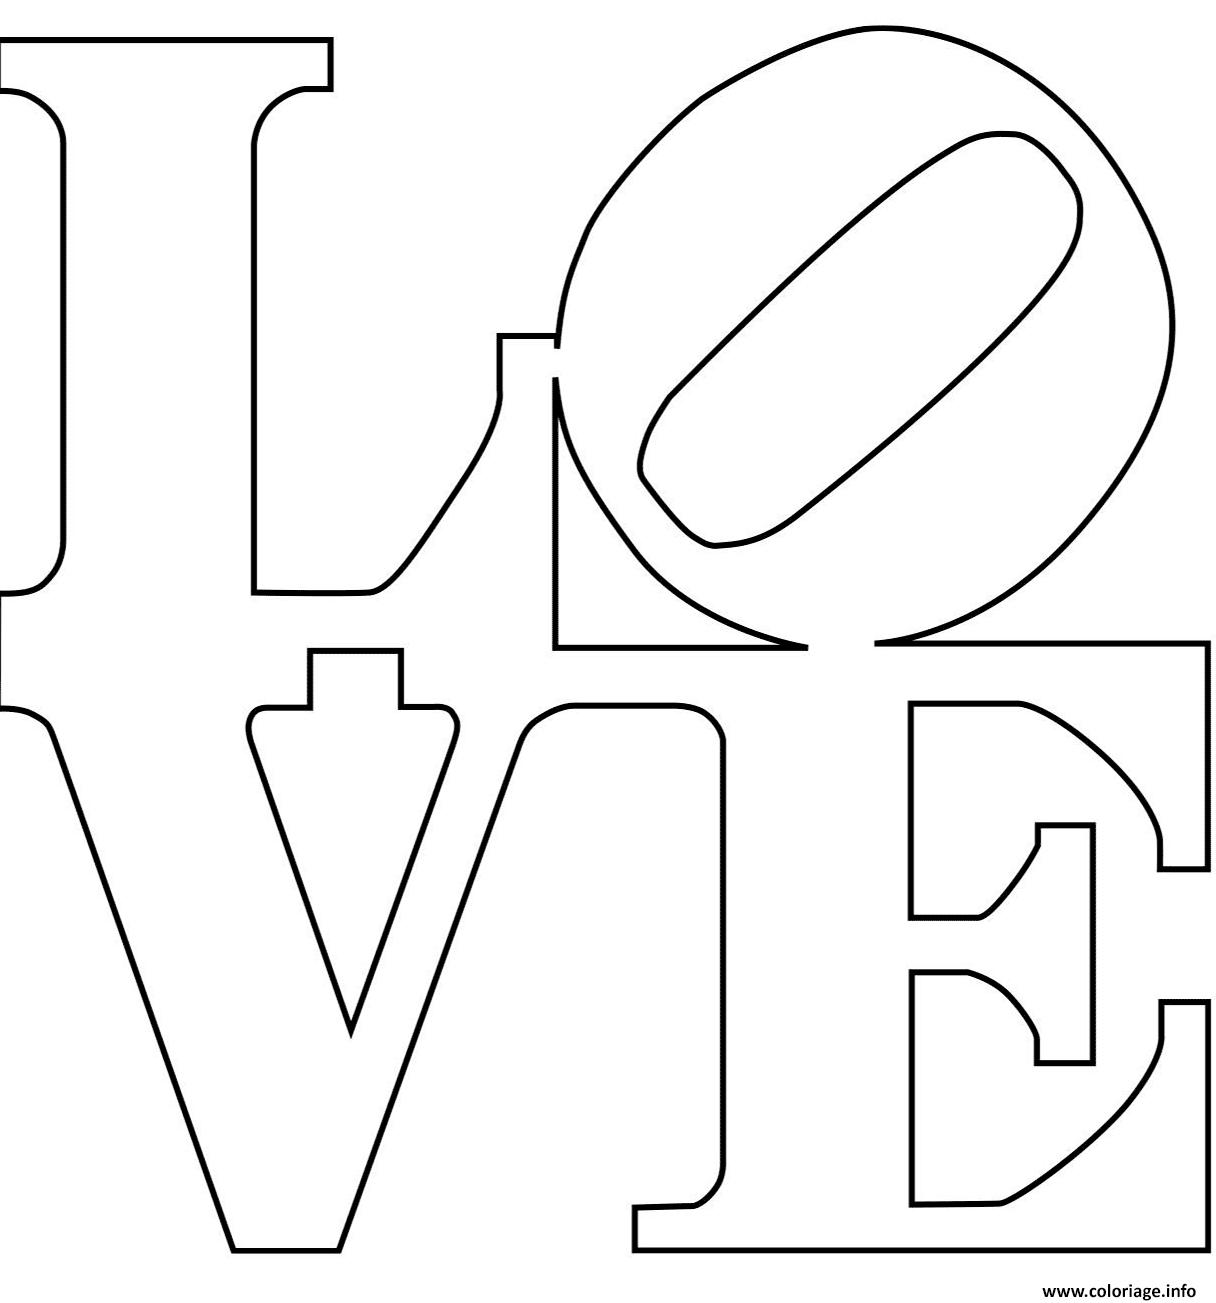 Dessin love black and white Coloriage Gratuit à Imprimer